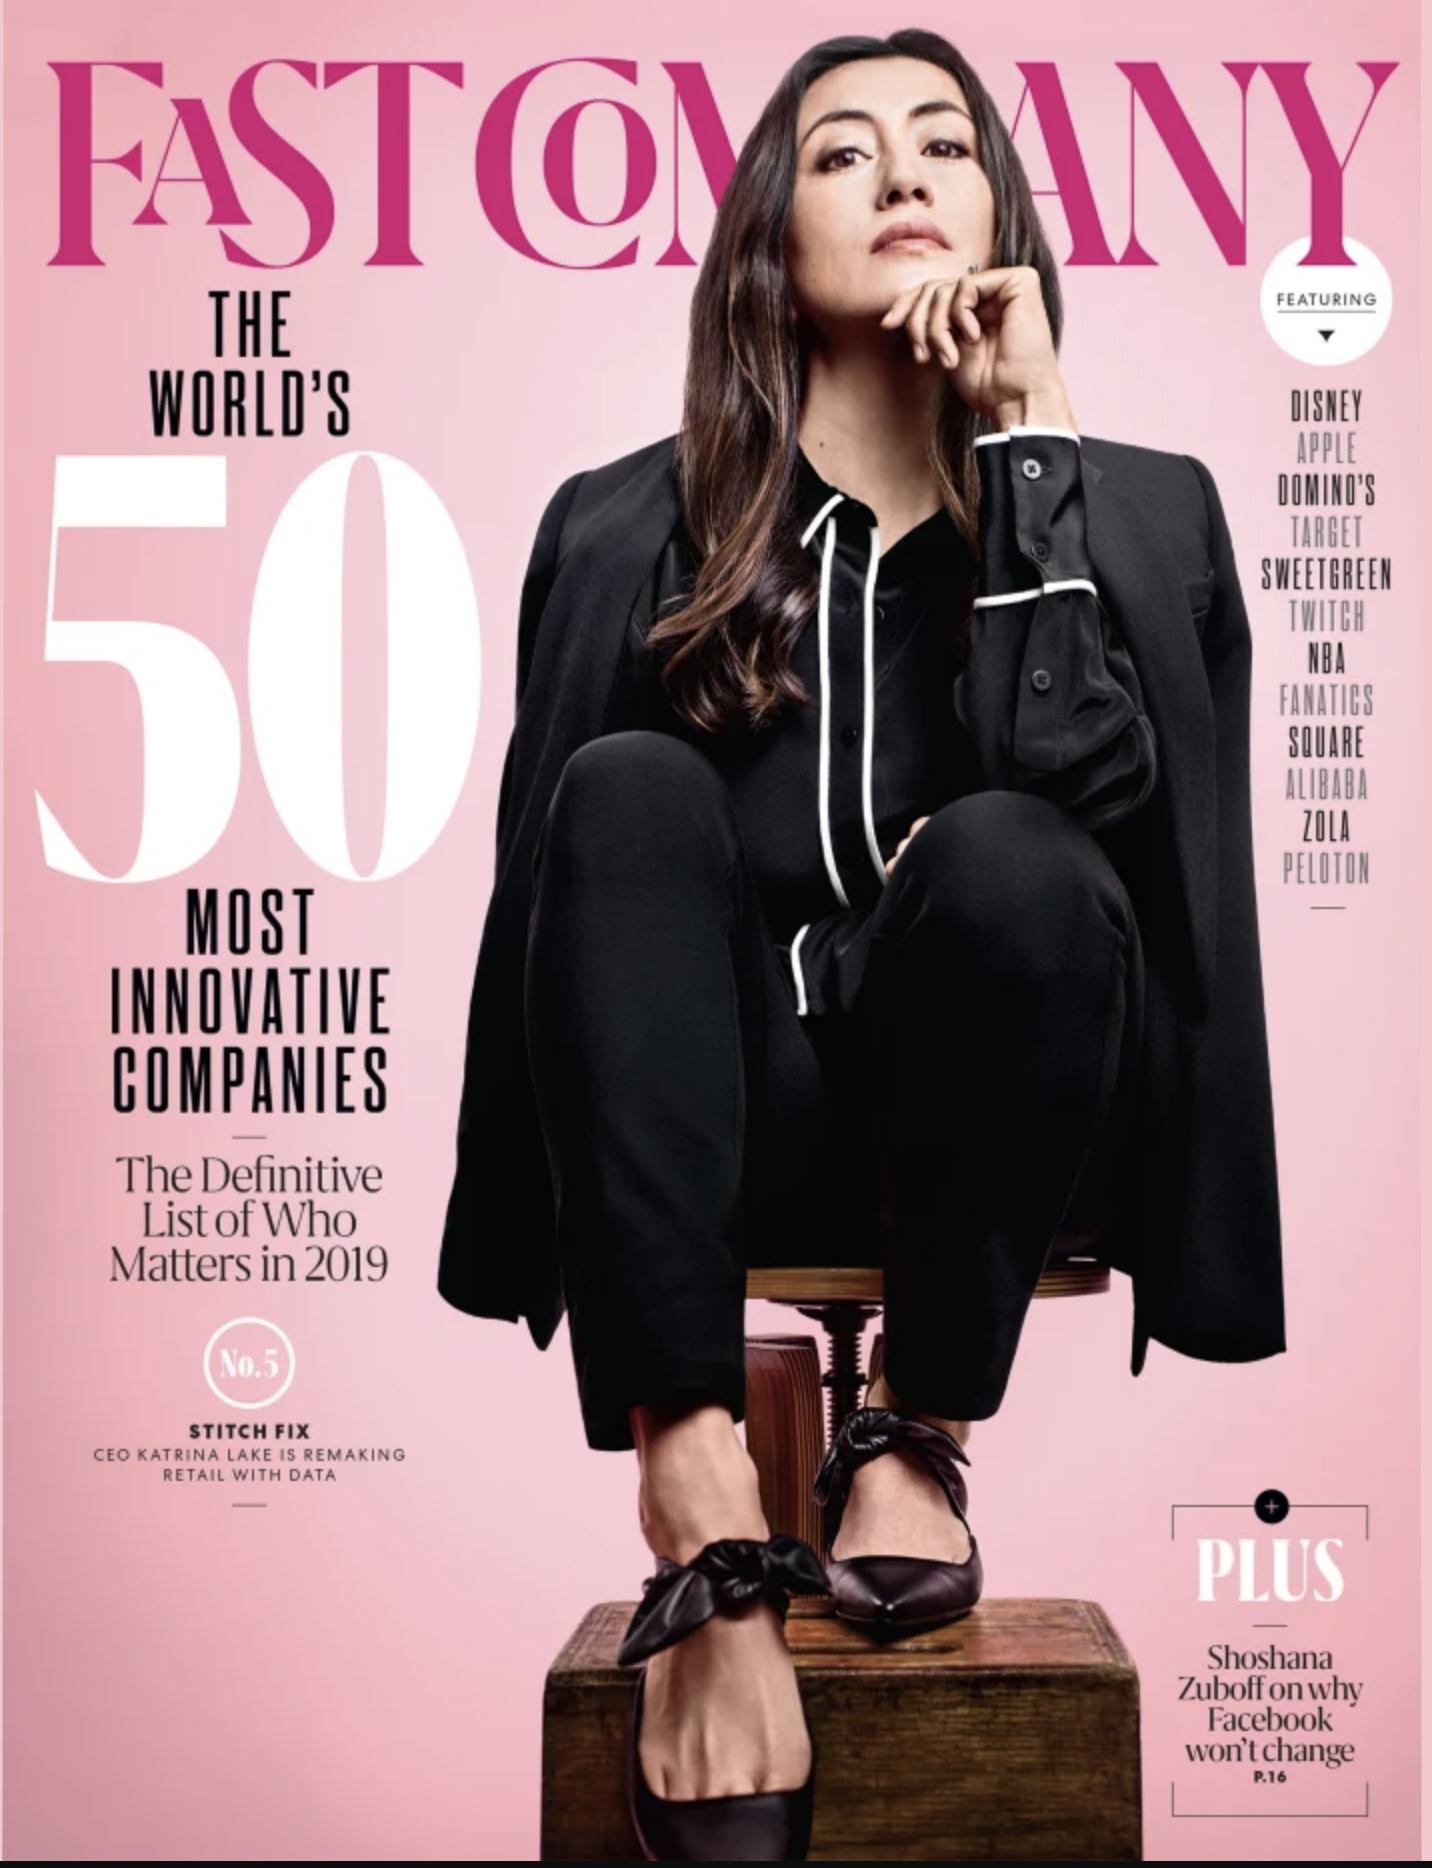 Fast company 2019 magazine cover